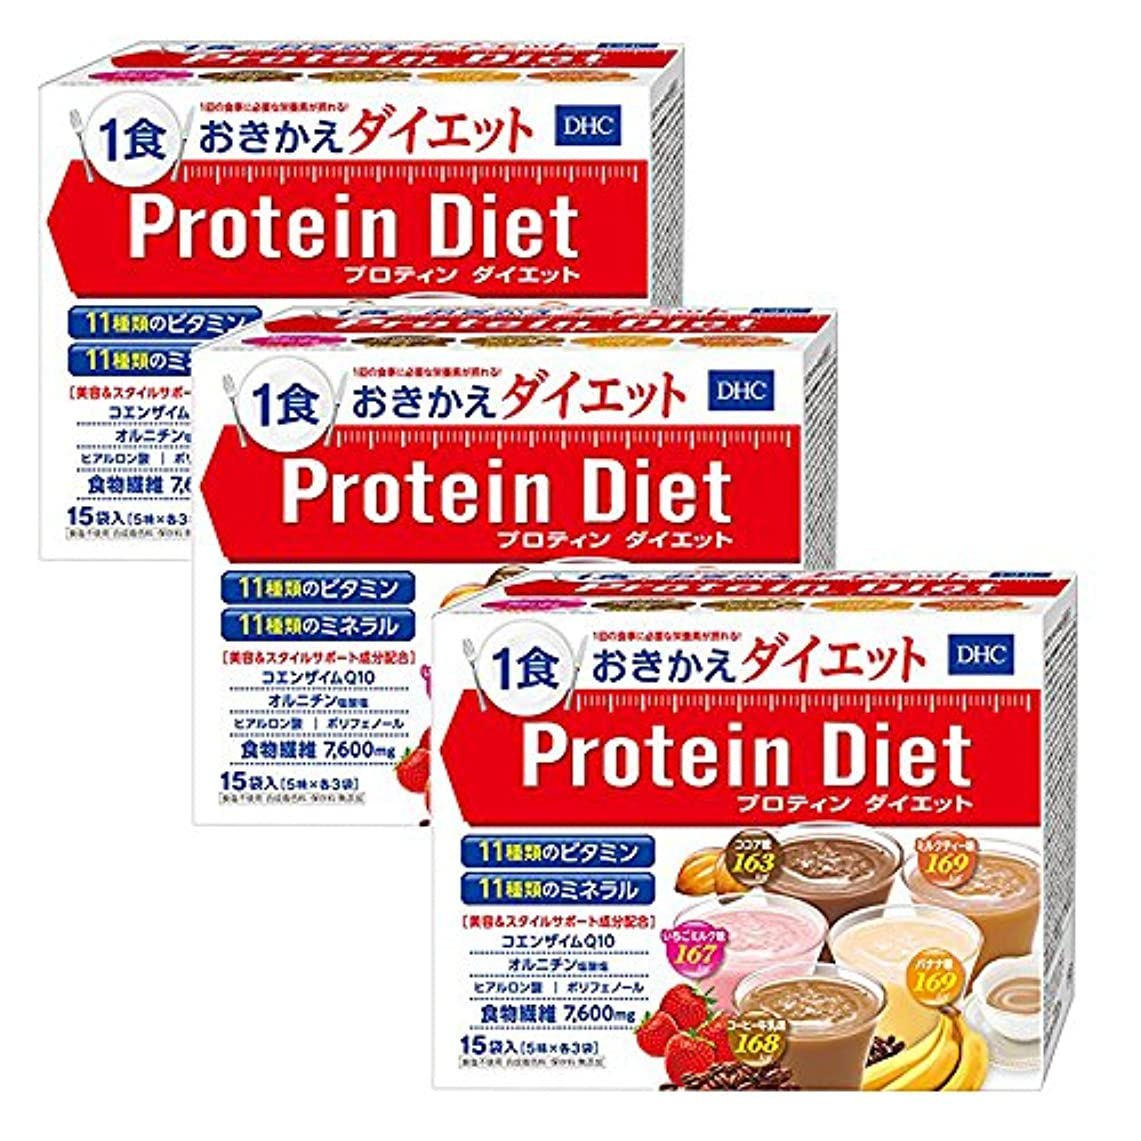 提案するストレス等しいDHC プロティンダイエット 15袋入 × 3箱セット [ヘルスケア&ケア用品]